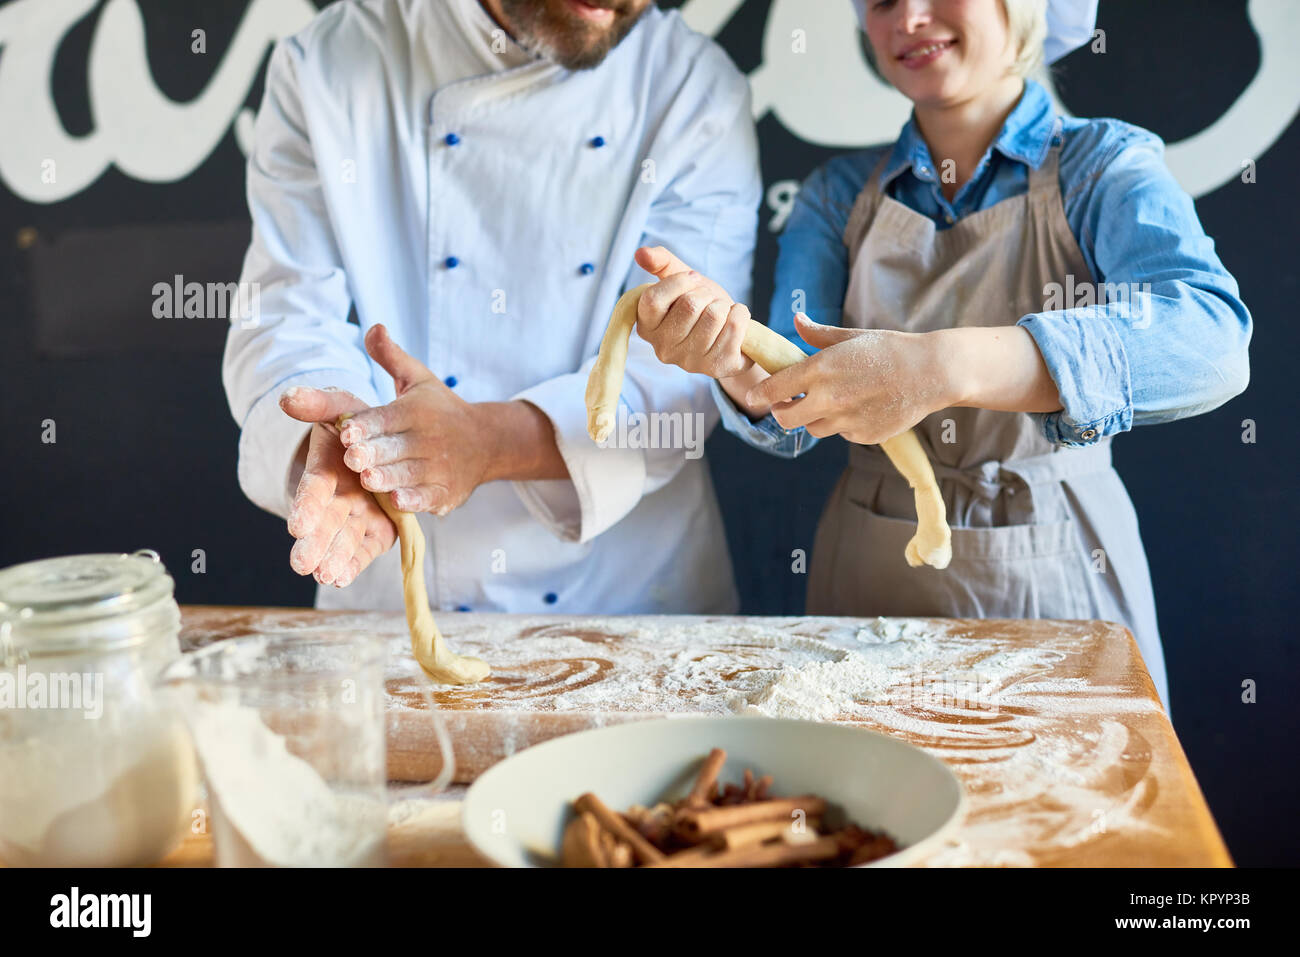 Deux Boulangers Pâtissiers rendant in Cafe Banque D'Images